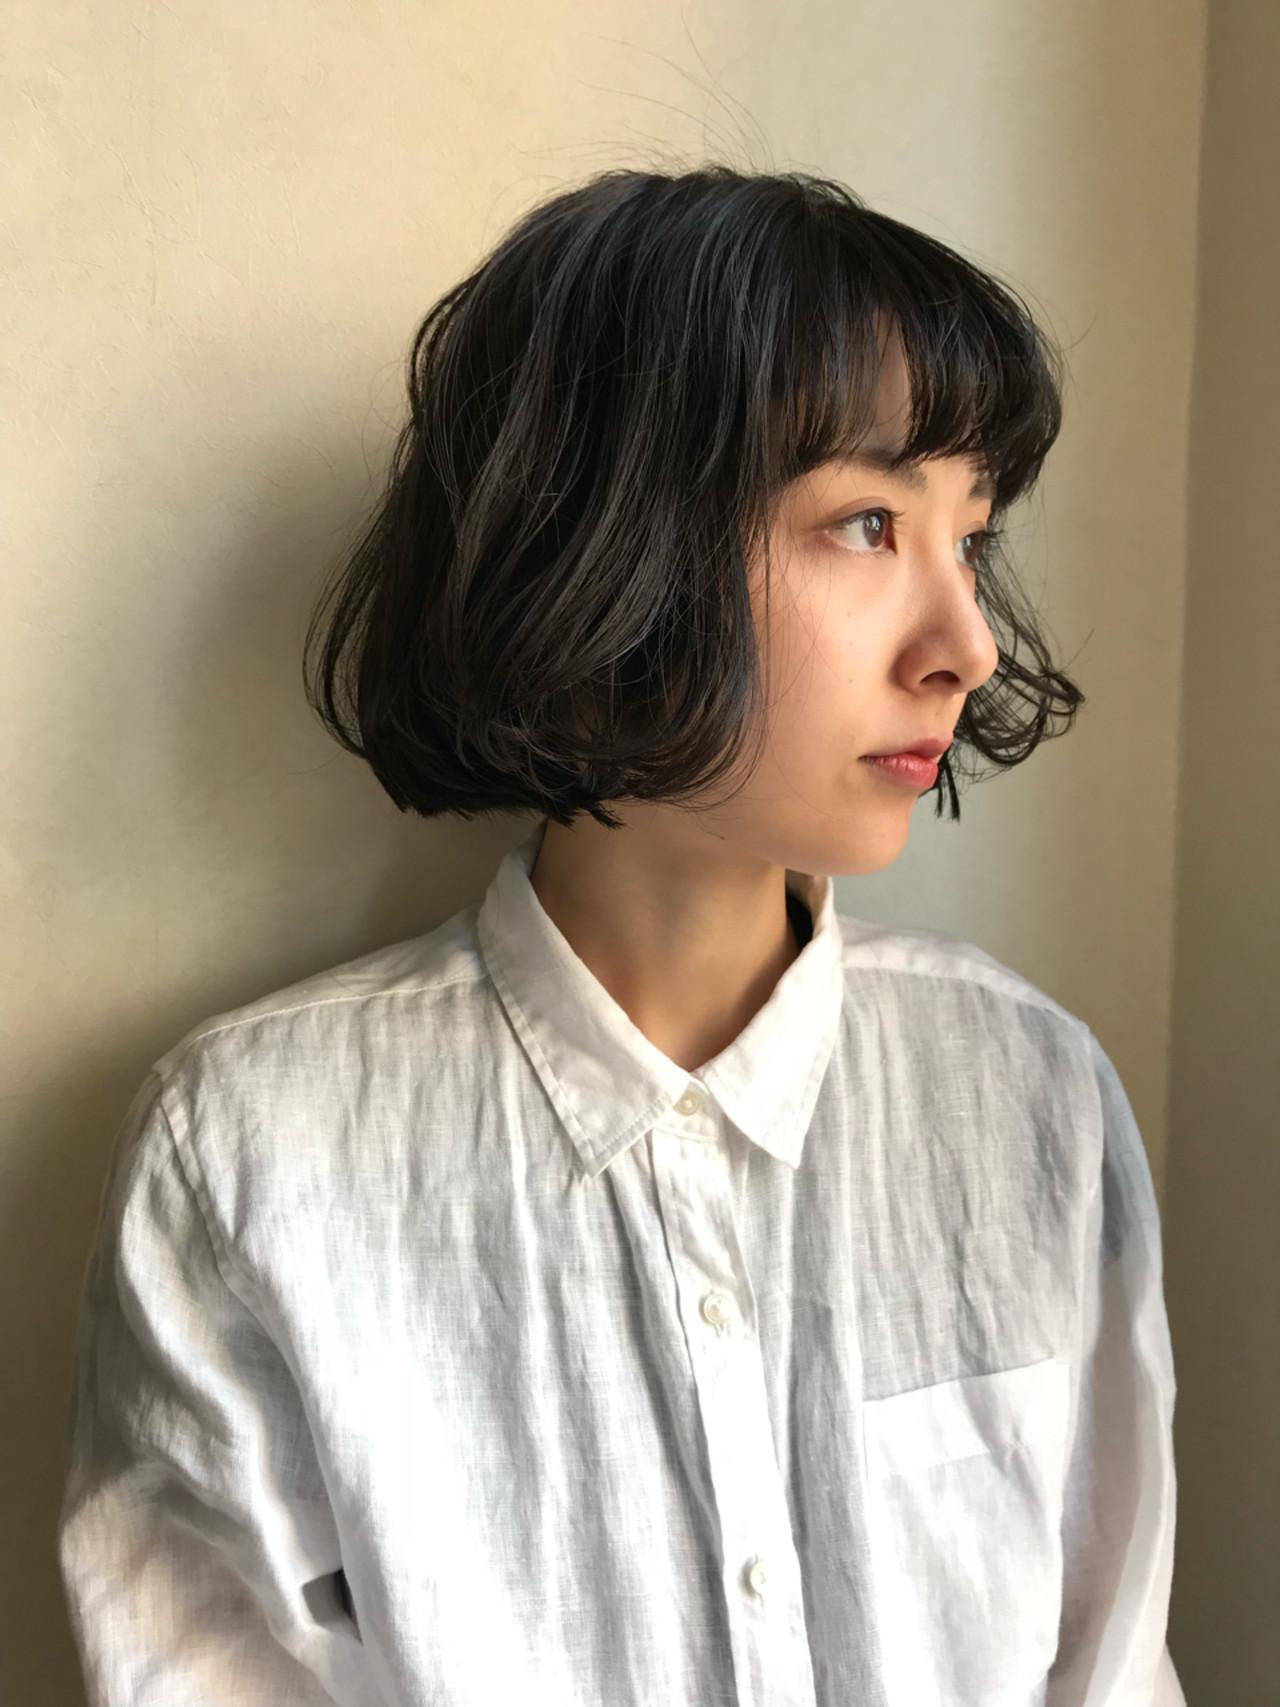 前髪ありでつくる大人かわいい人気のヘア♡ 吉田将大